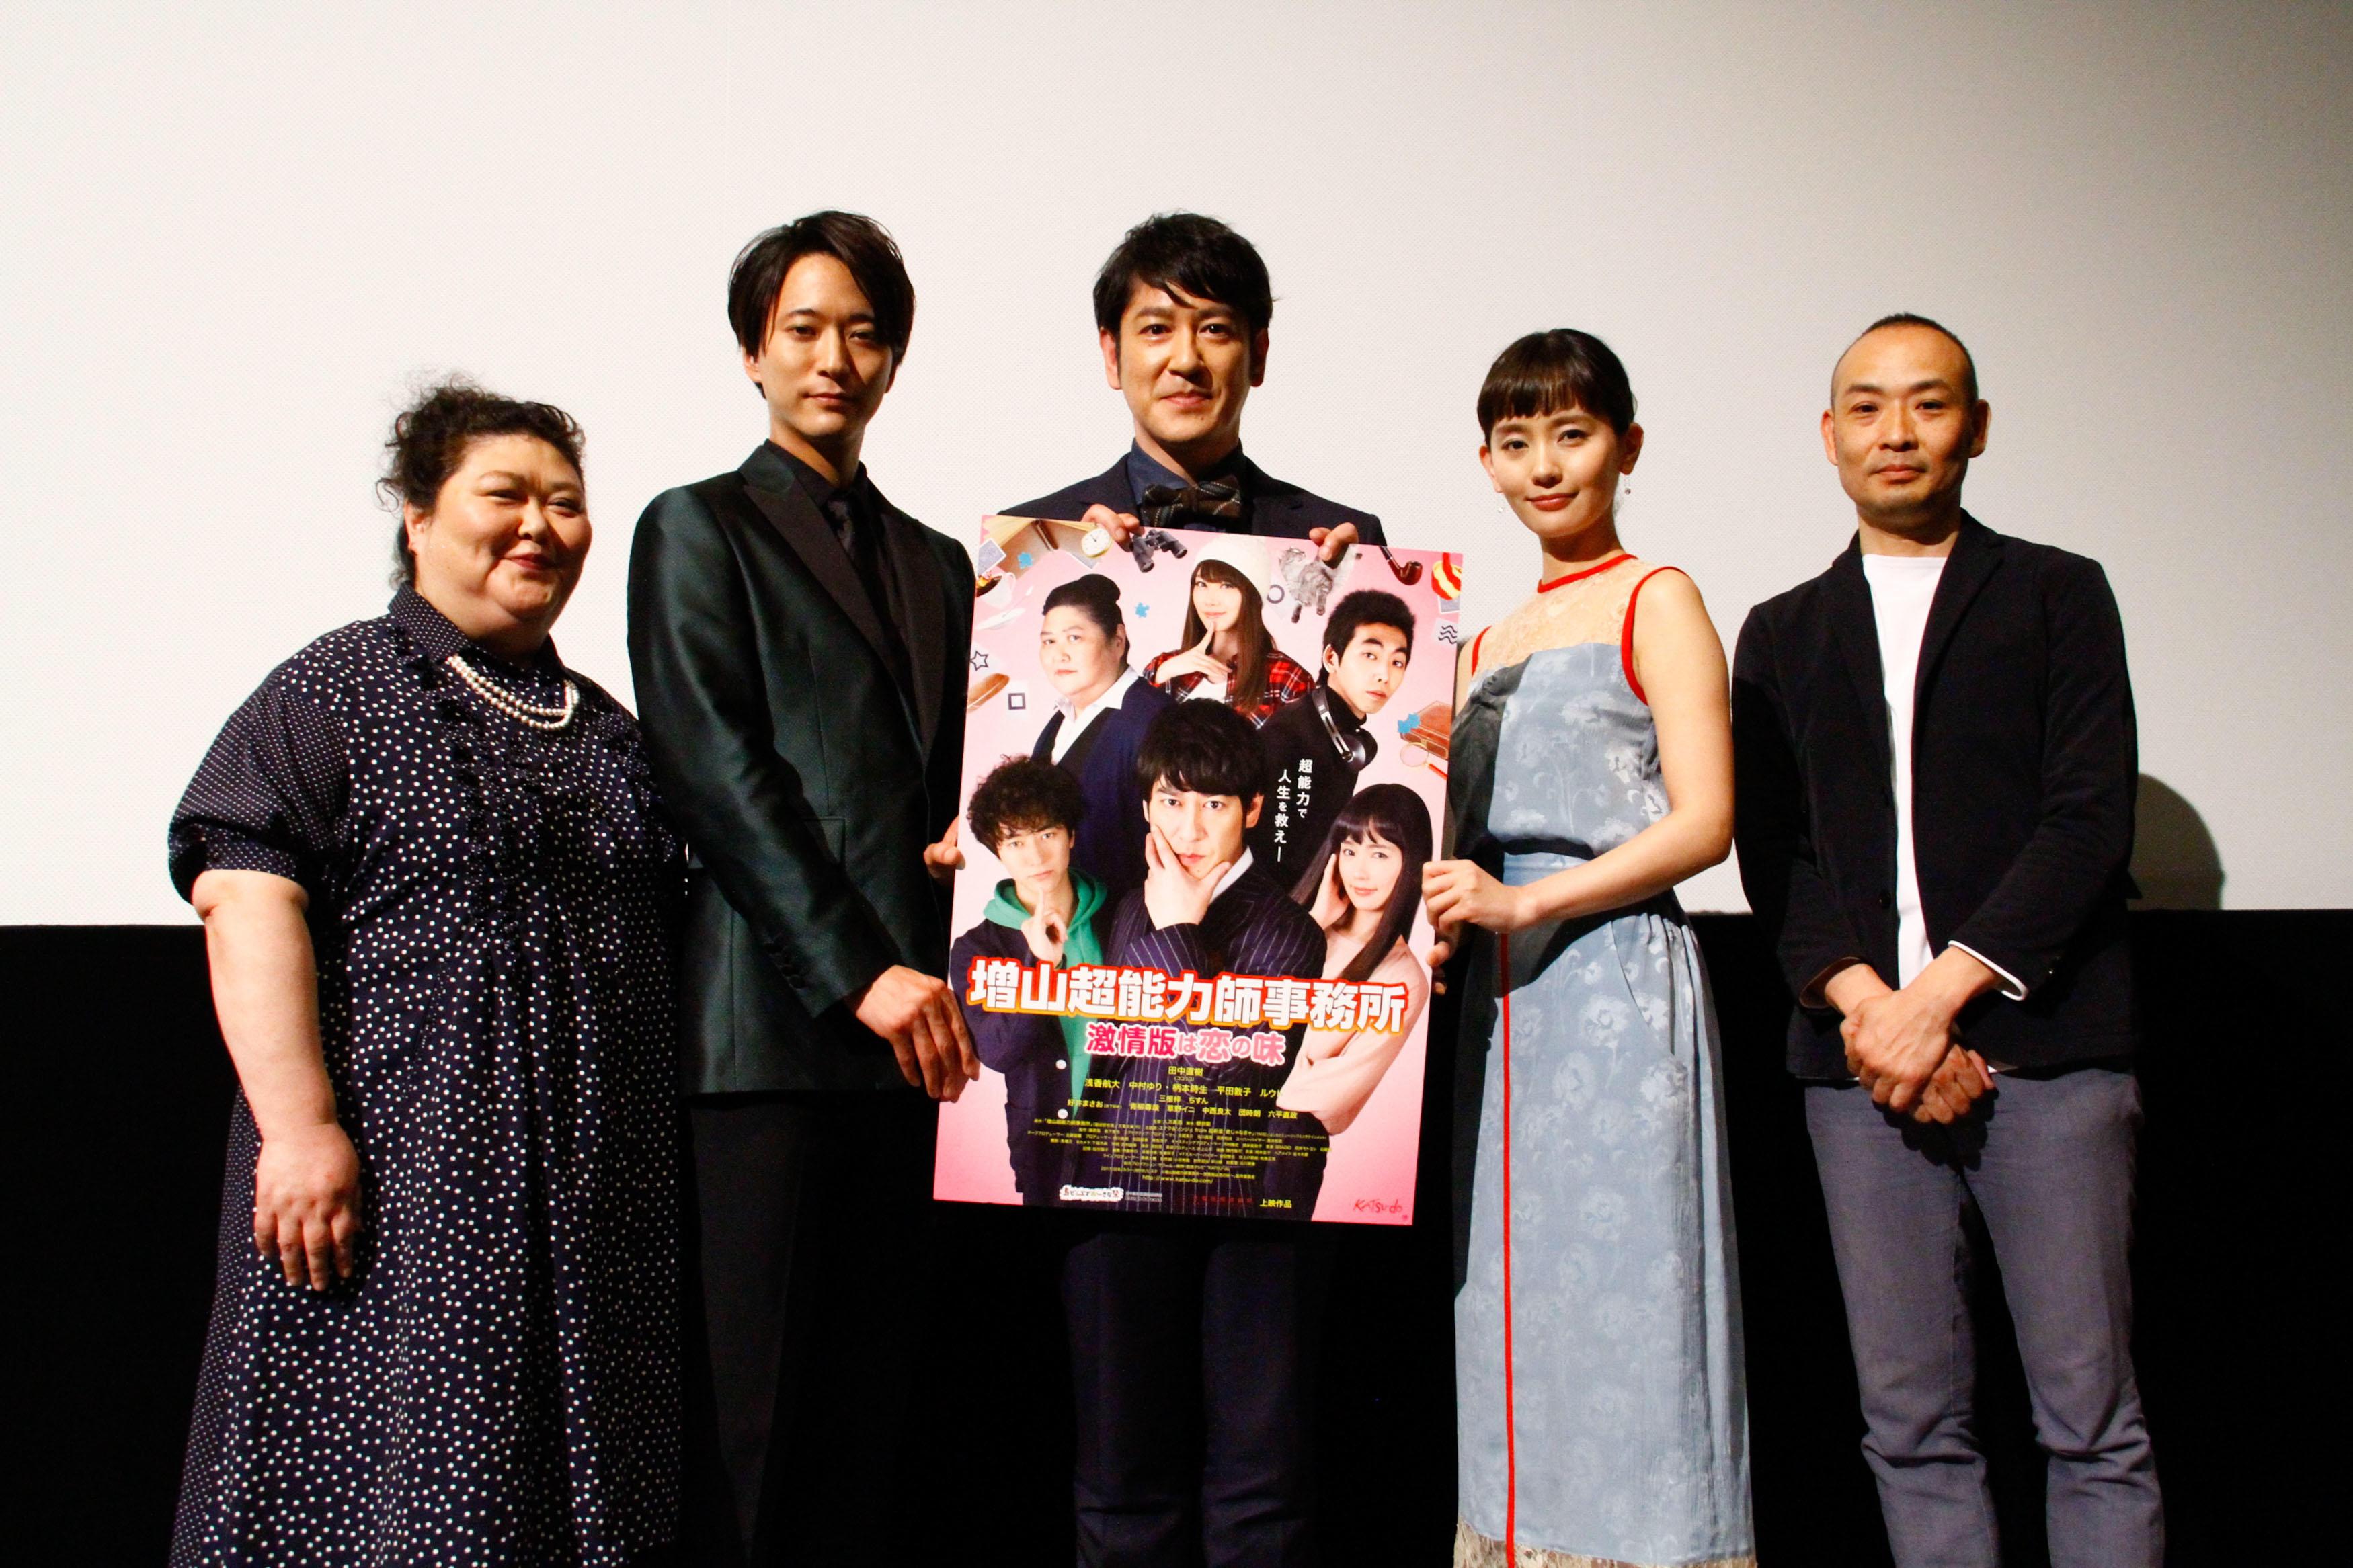 http://news.yoshimoto.co.jp/20180331234058-3b3a17f19073f64b7e0423b56d493e7016c4d728.jpg